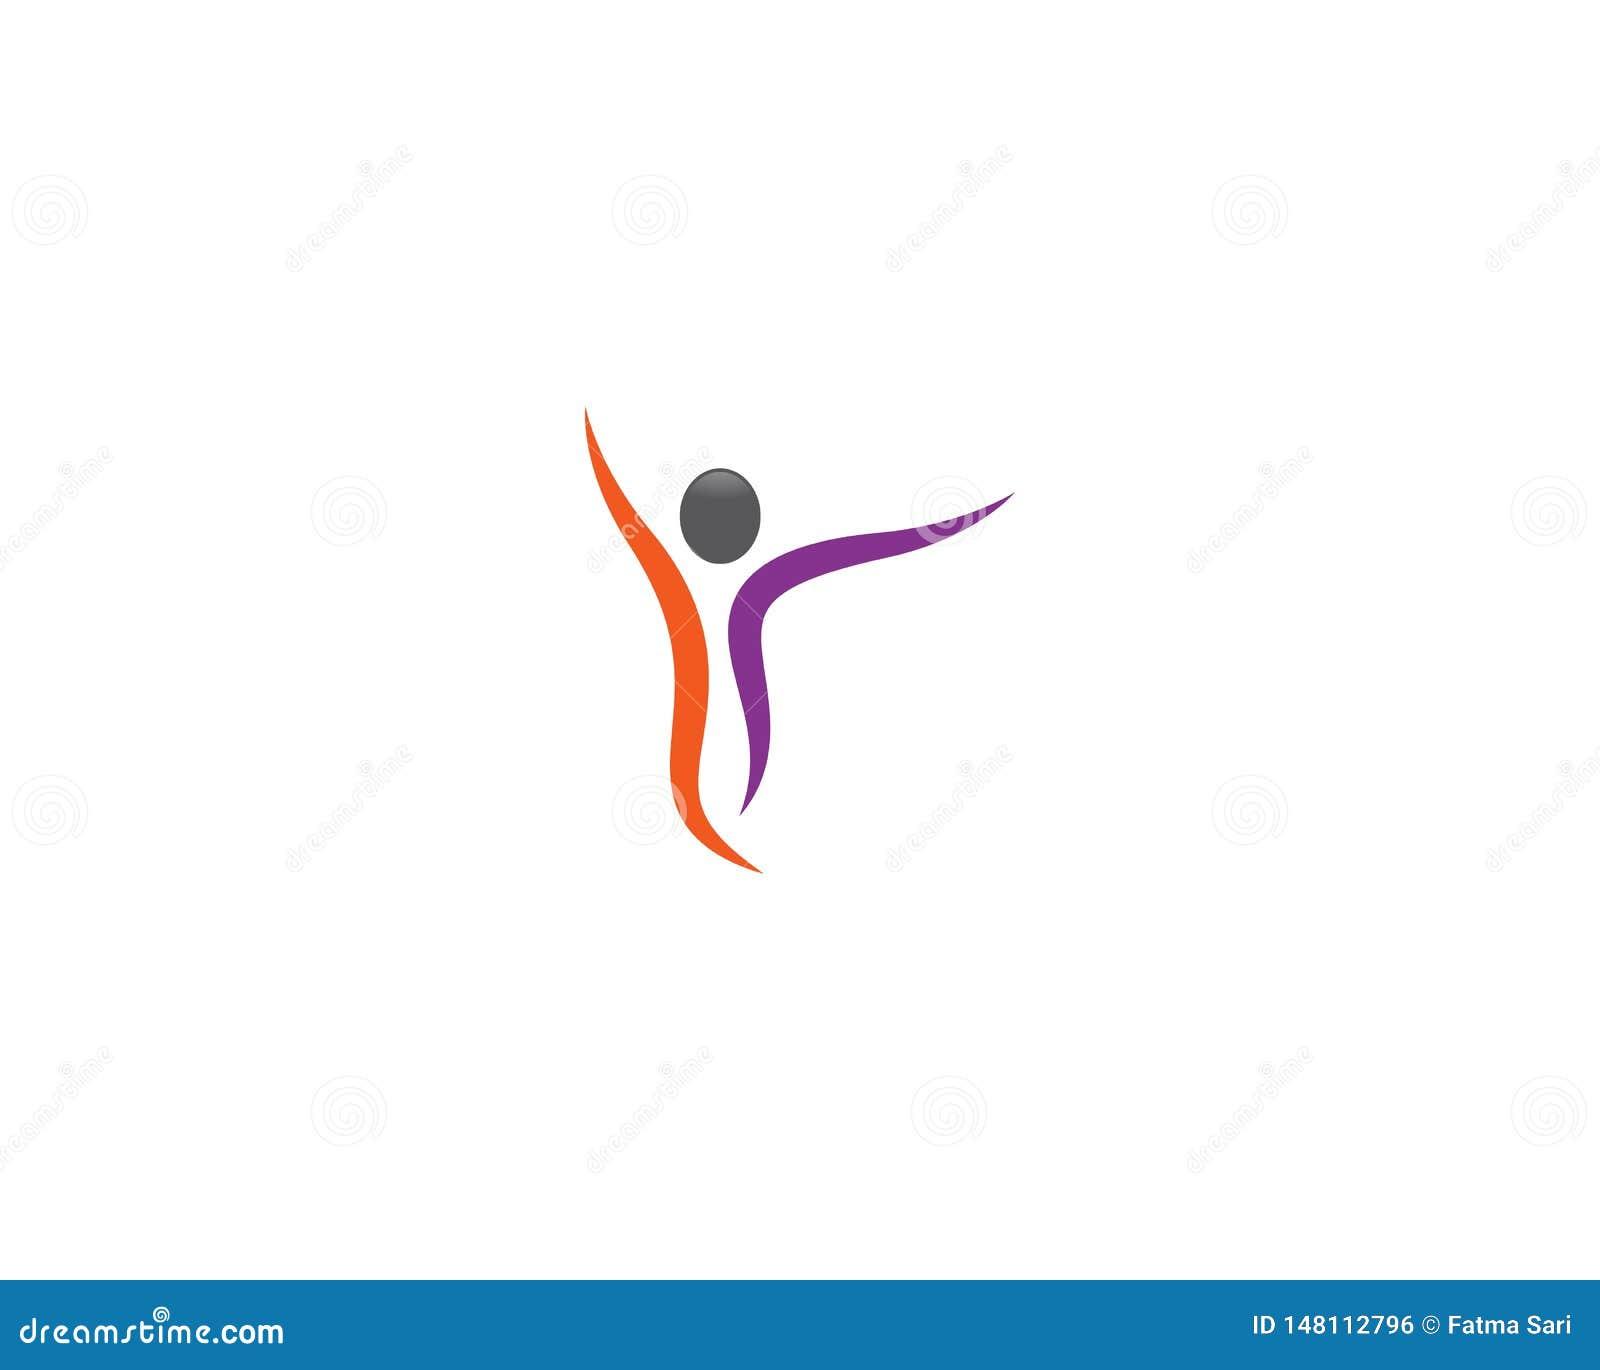 Zdrowie ludzkie symbolu ilustracja